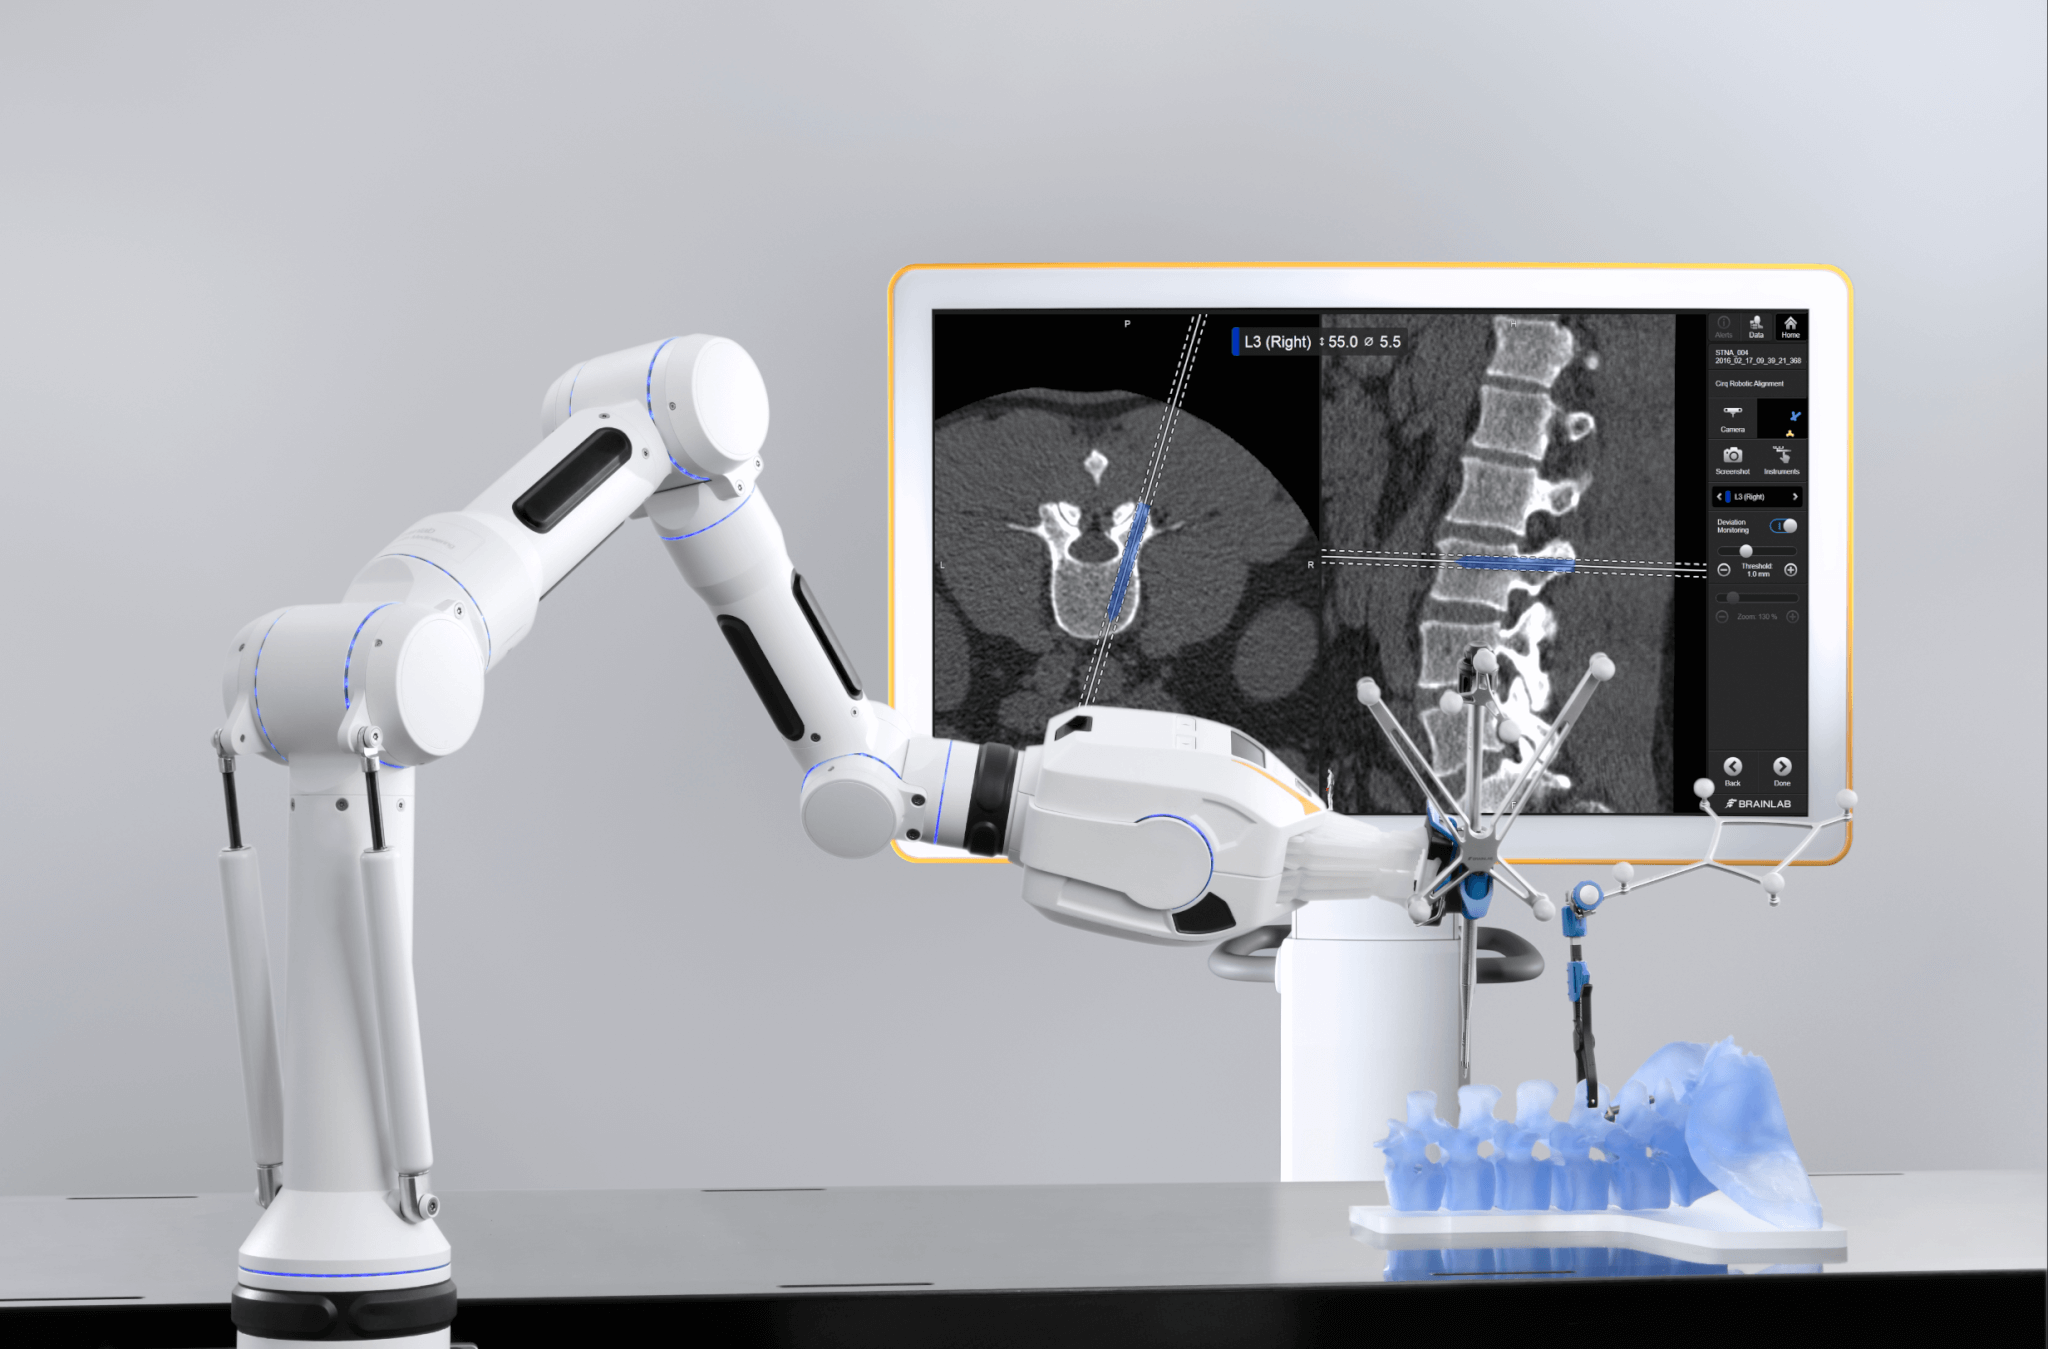 Robotische Wirbelsäulenchirurgie mit dem chirurgischen Assistenten Cirq